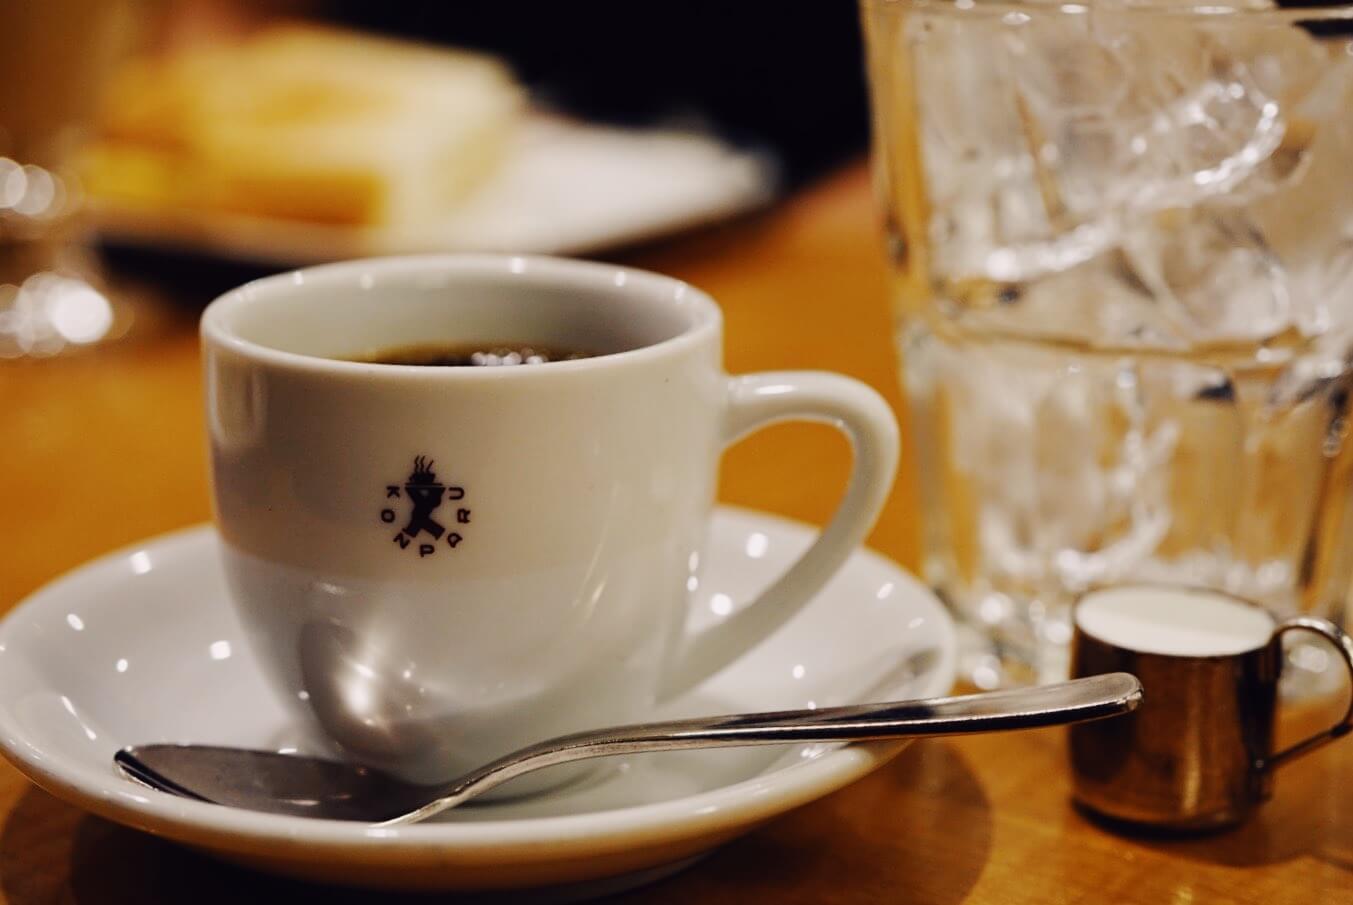 人生で一度は経験しておきたい新感覚のアイスコーヒーと小倉トーストが楽しめる名古屋のおすすめ喫茶店「コンパル」